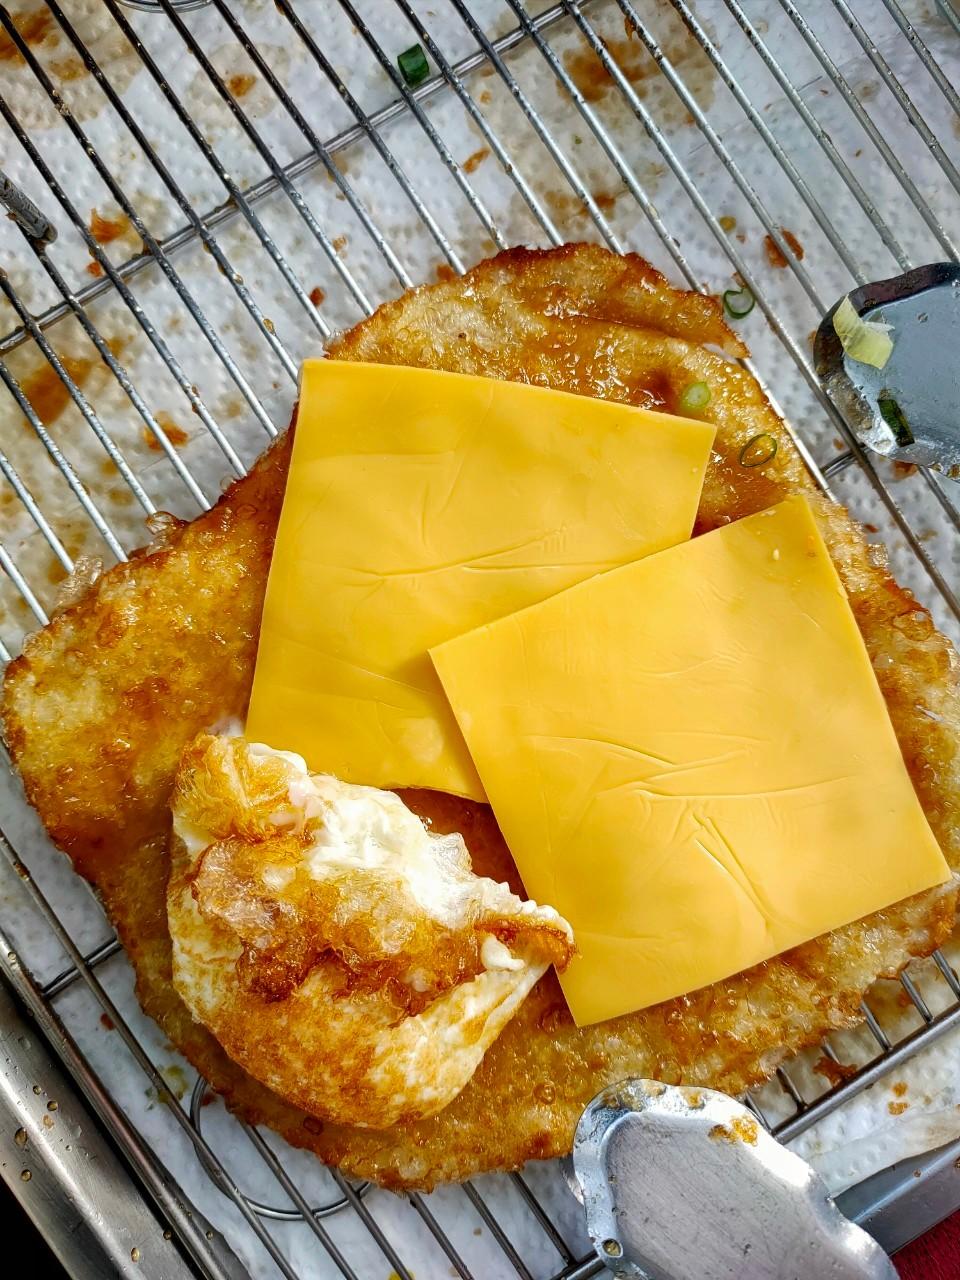 平鎮下午茶,平鎮大潤發,平鎮小吃,平鎮美食,煉乳起司,現點現做,花蓮炸蛋蔥油餅,超級炸蛋